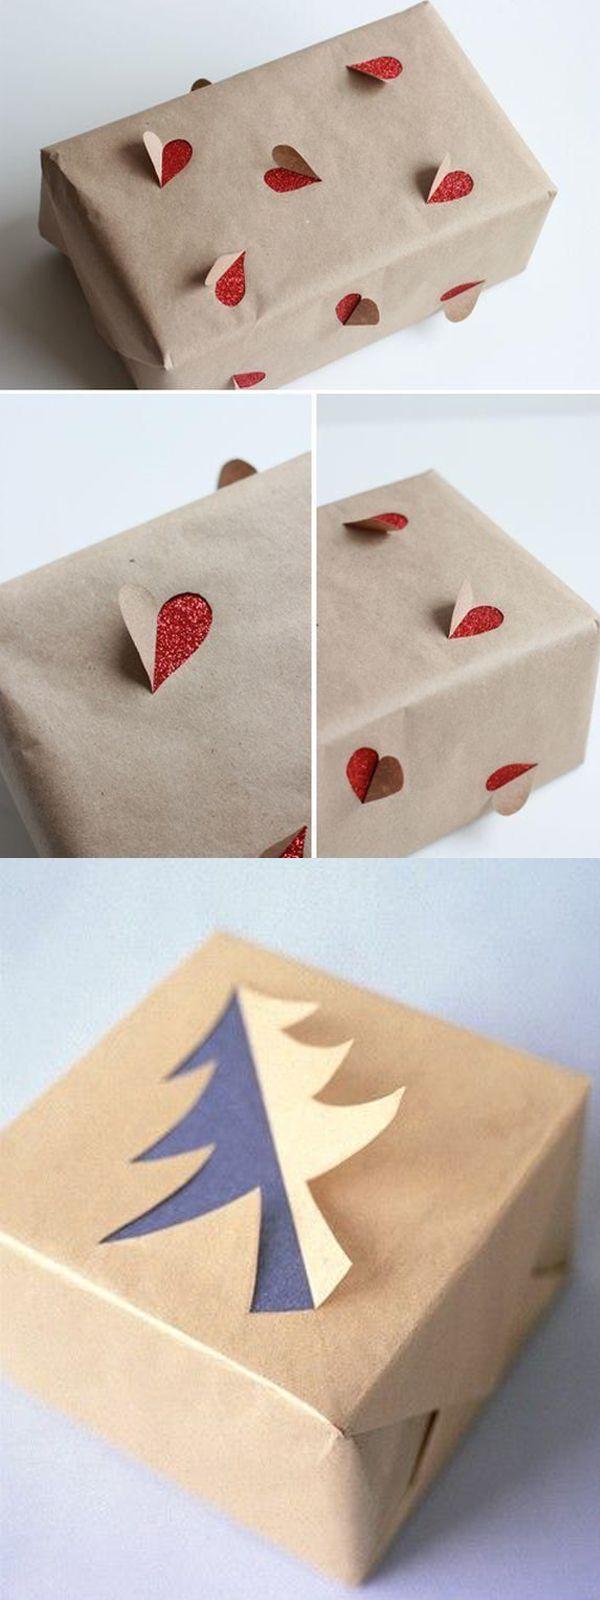 C mo envolver regalos de navidad de forma original - Envolver libros de forma original ...